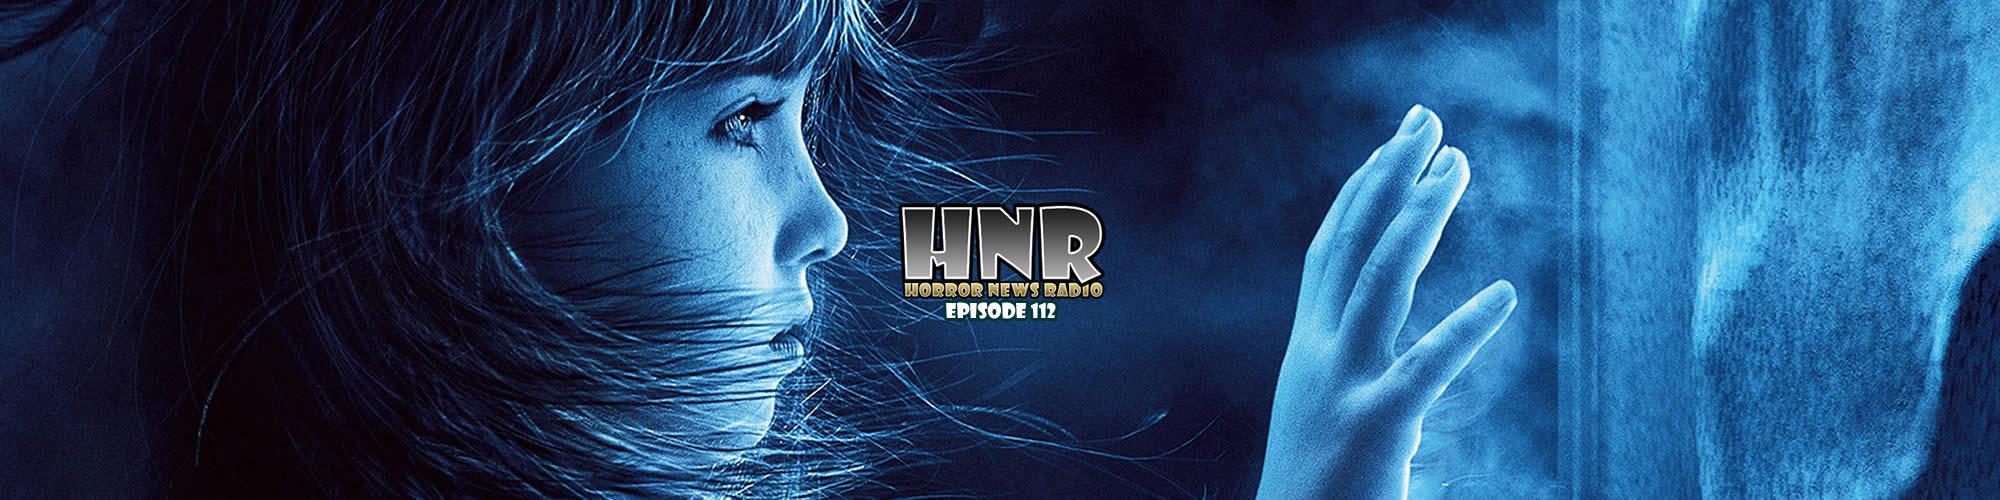 HNRSiteBanner112